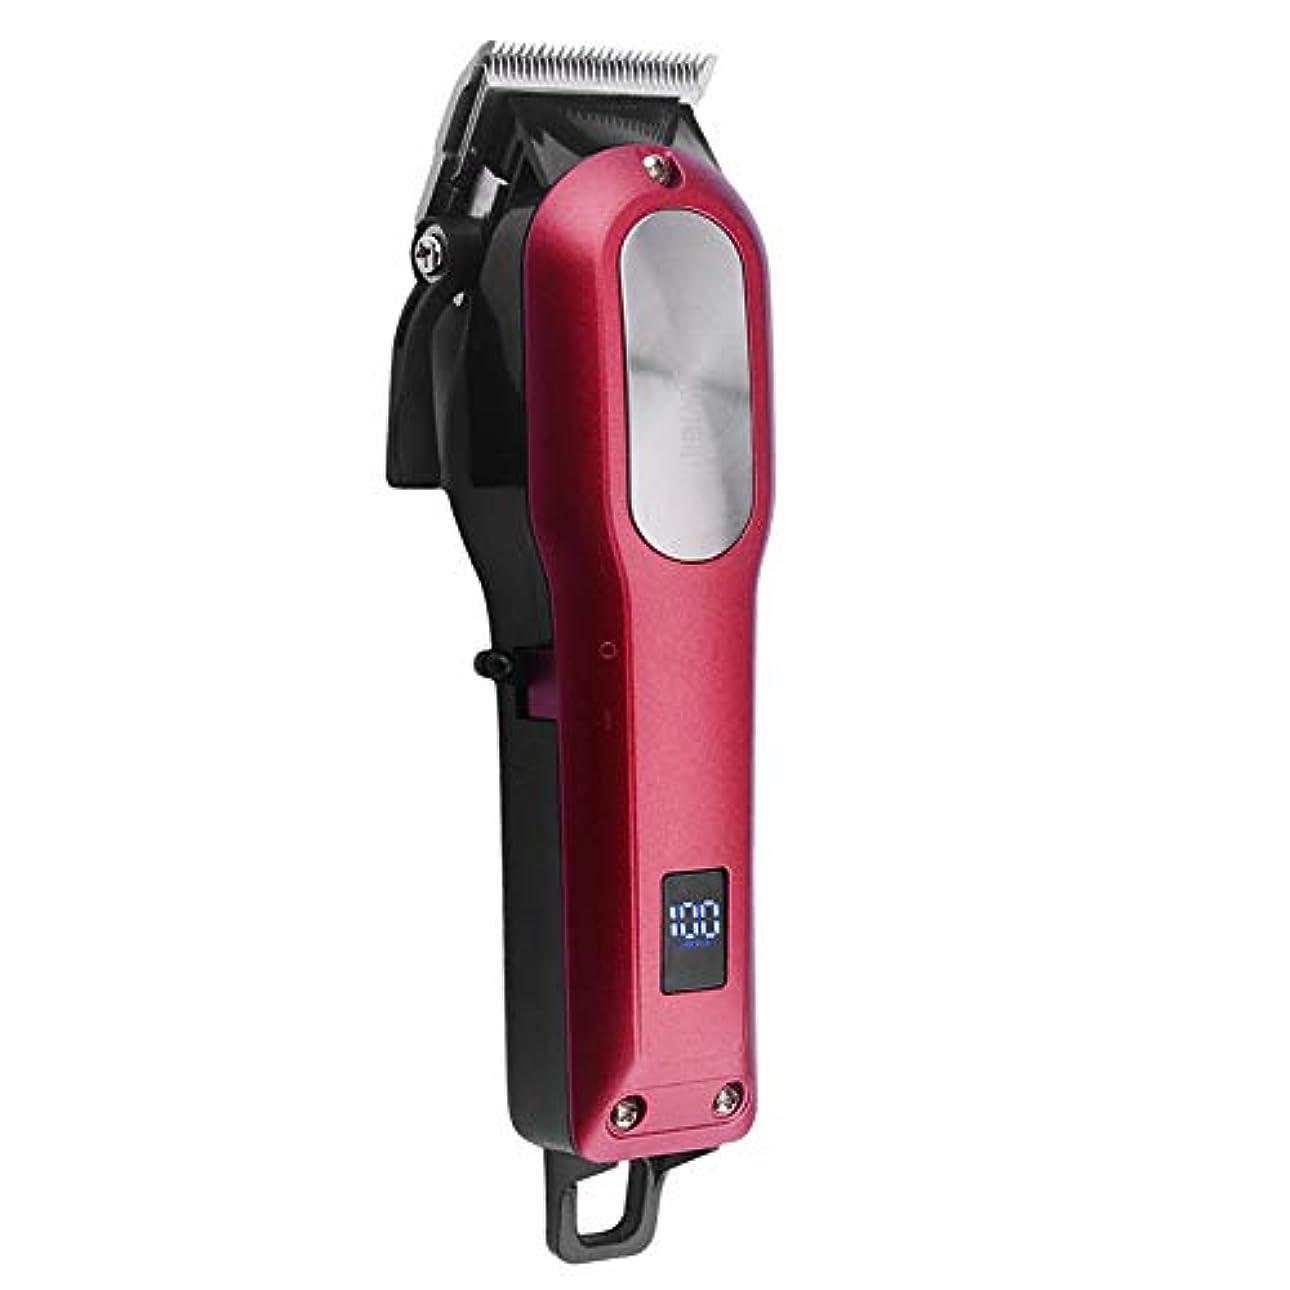 ラジカル触手華氏COSYONALL 電動バリカン 充電式ヘアカッター レバー式バリカン プロ 0.8-2mm刈り高さ調整可能 LEDディスプレイ 4時間連続使用 ヒゲトリマー ヘアクリッパー コードレス 低騒音 切れ味抜群 散髪 セット